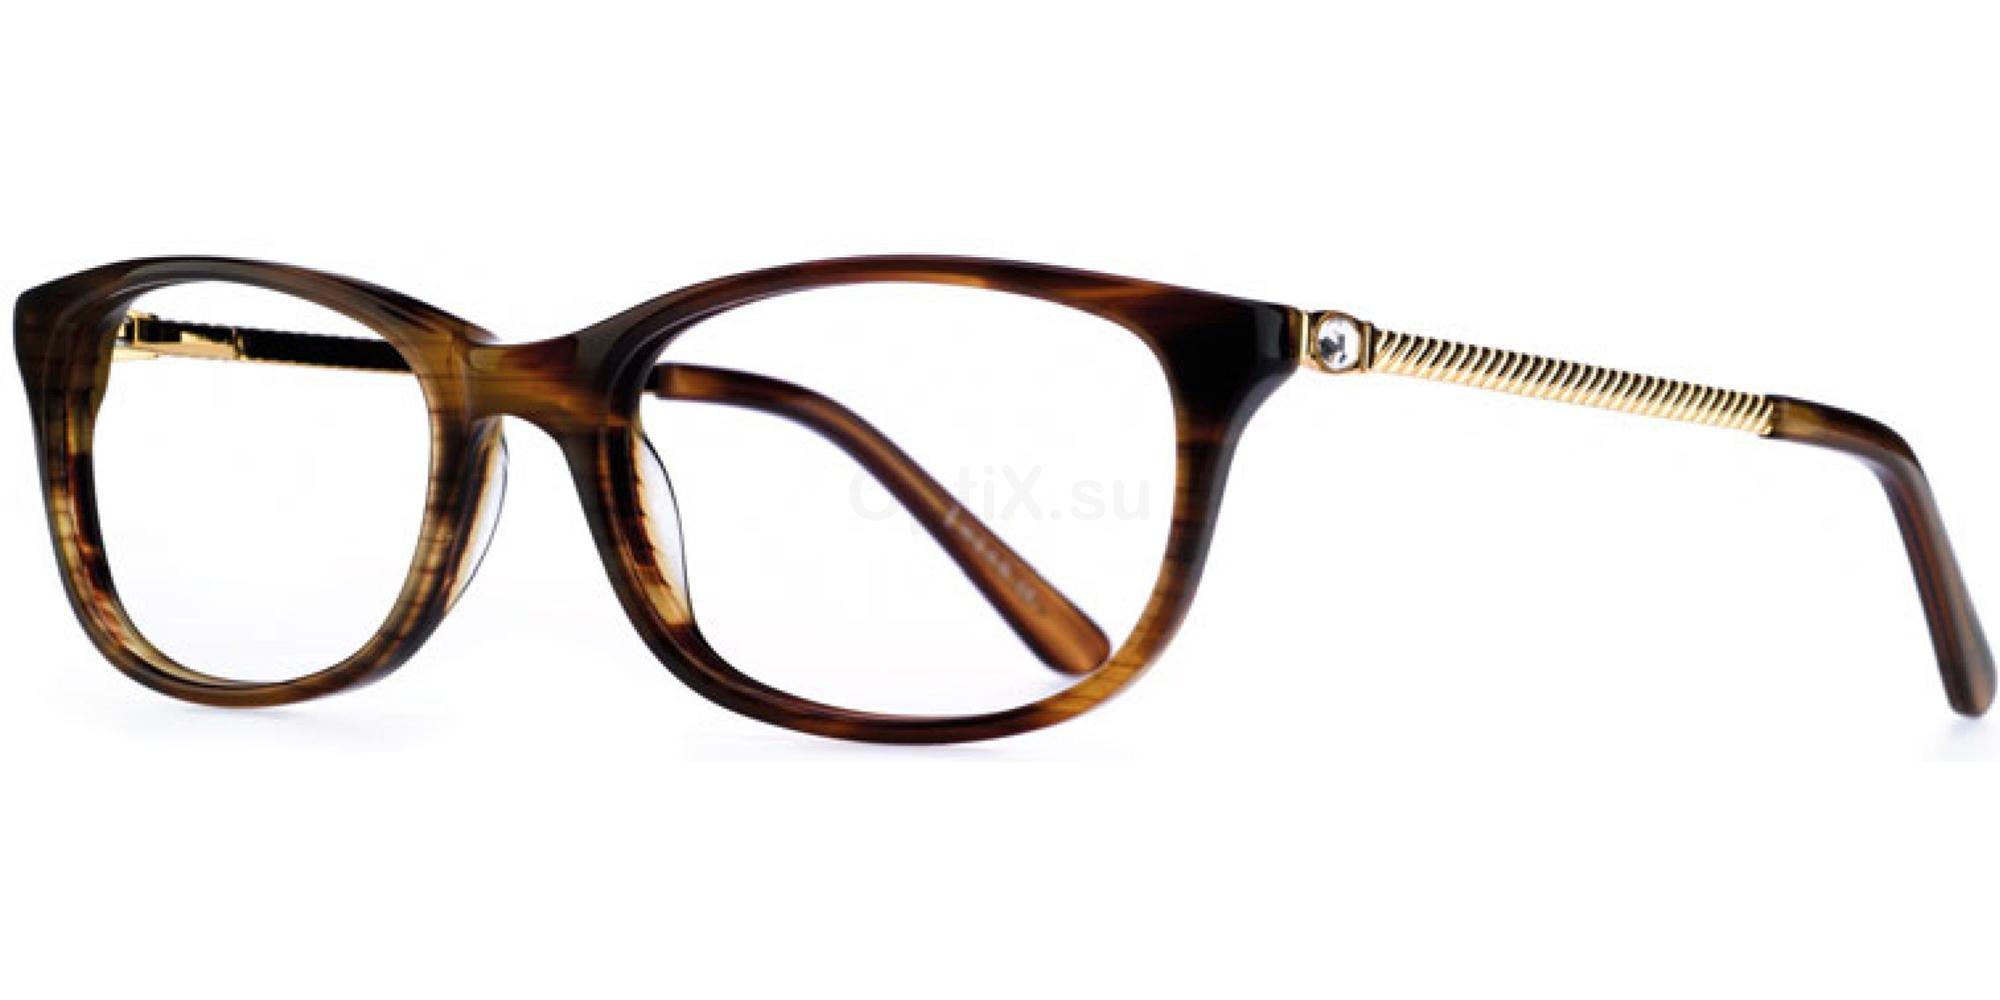 C1 i Wear 5081 Glasses, i Wear